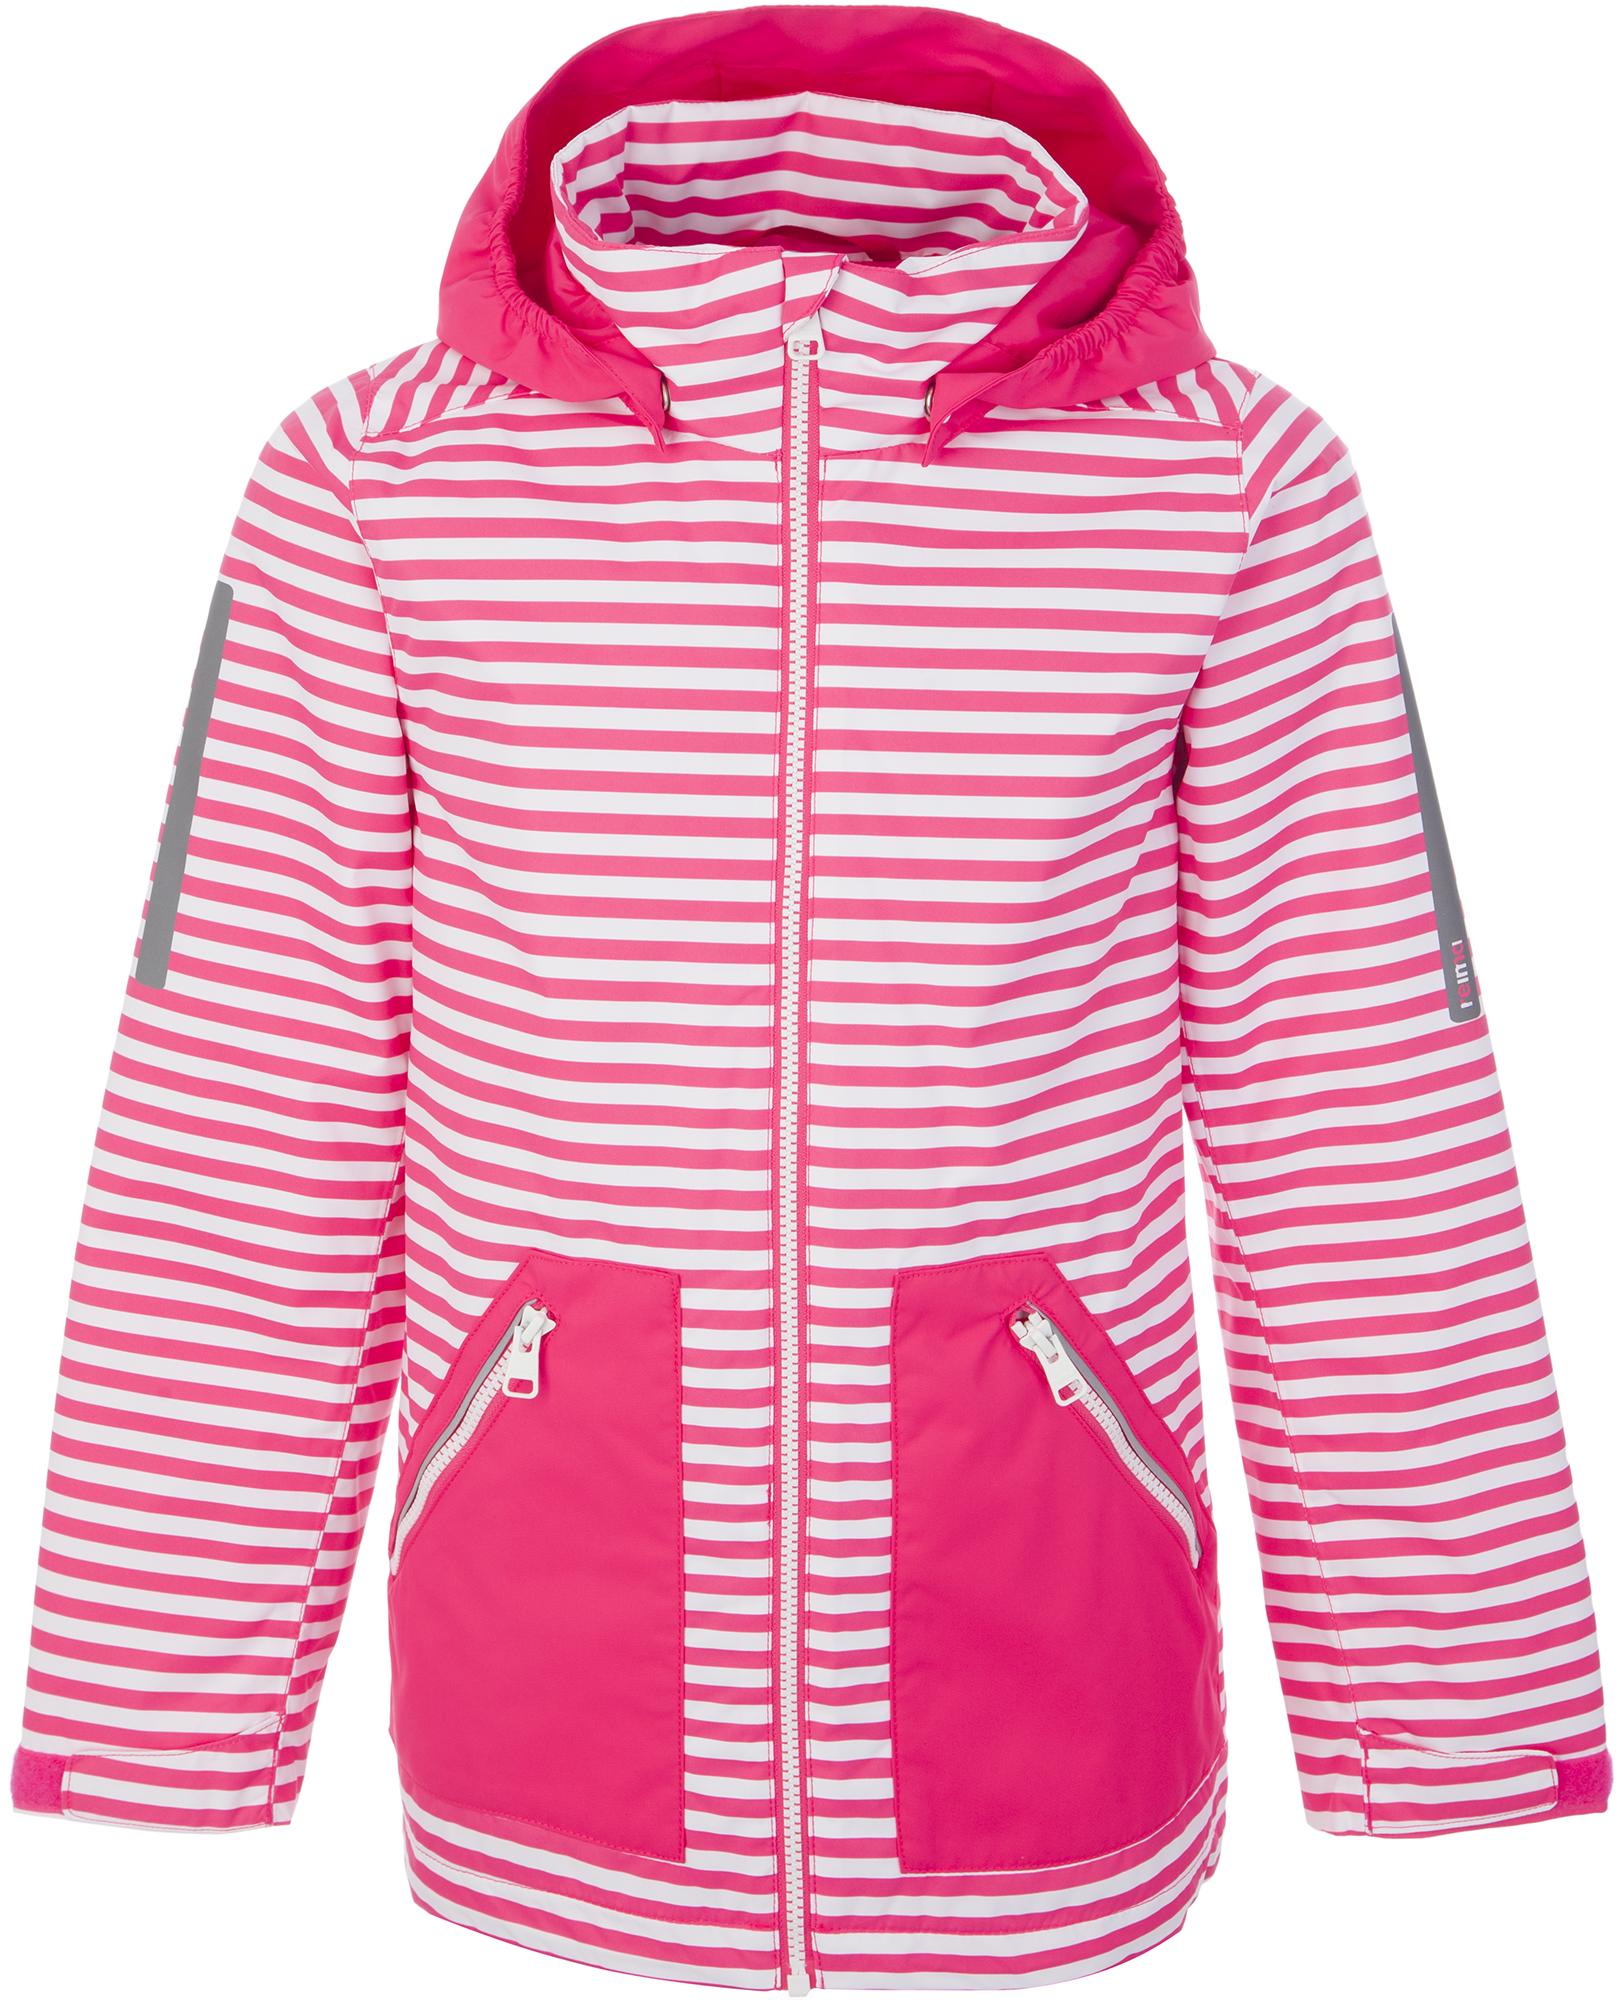 Reima Куртка утепленная для девочек Reima Minttu, размер 146 цена